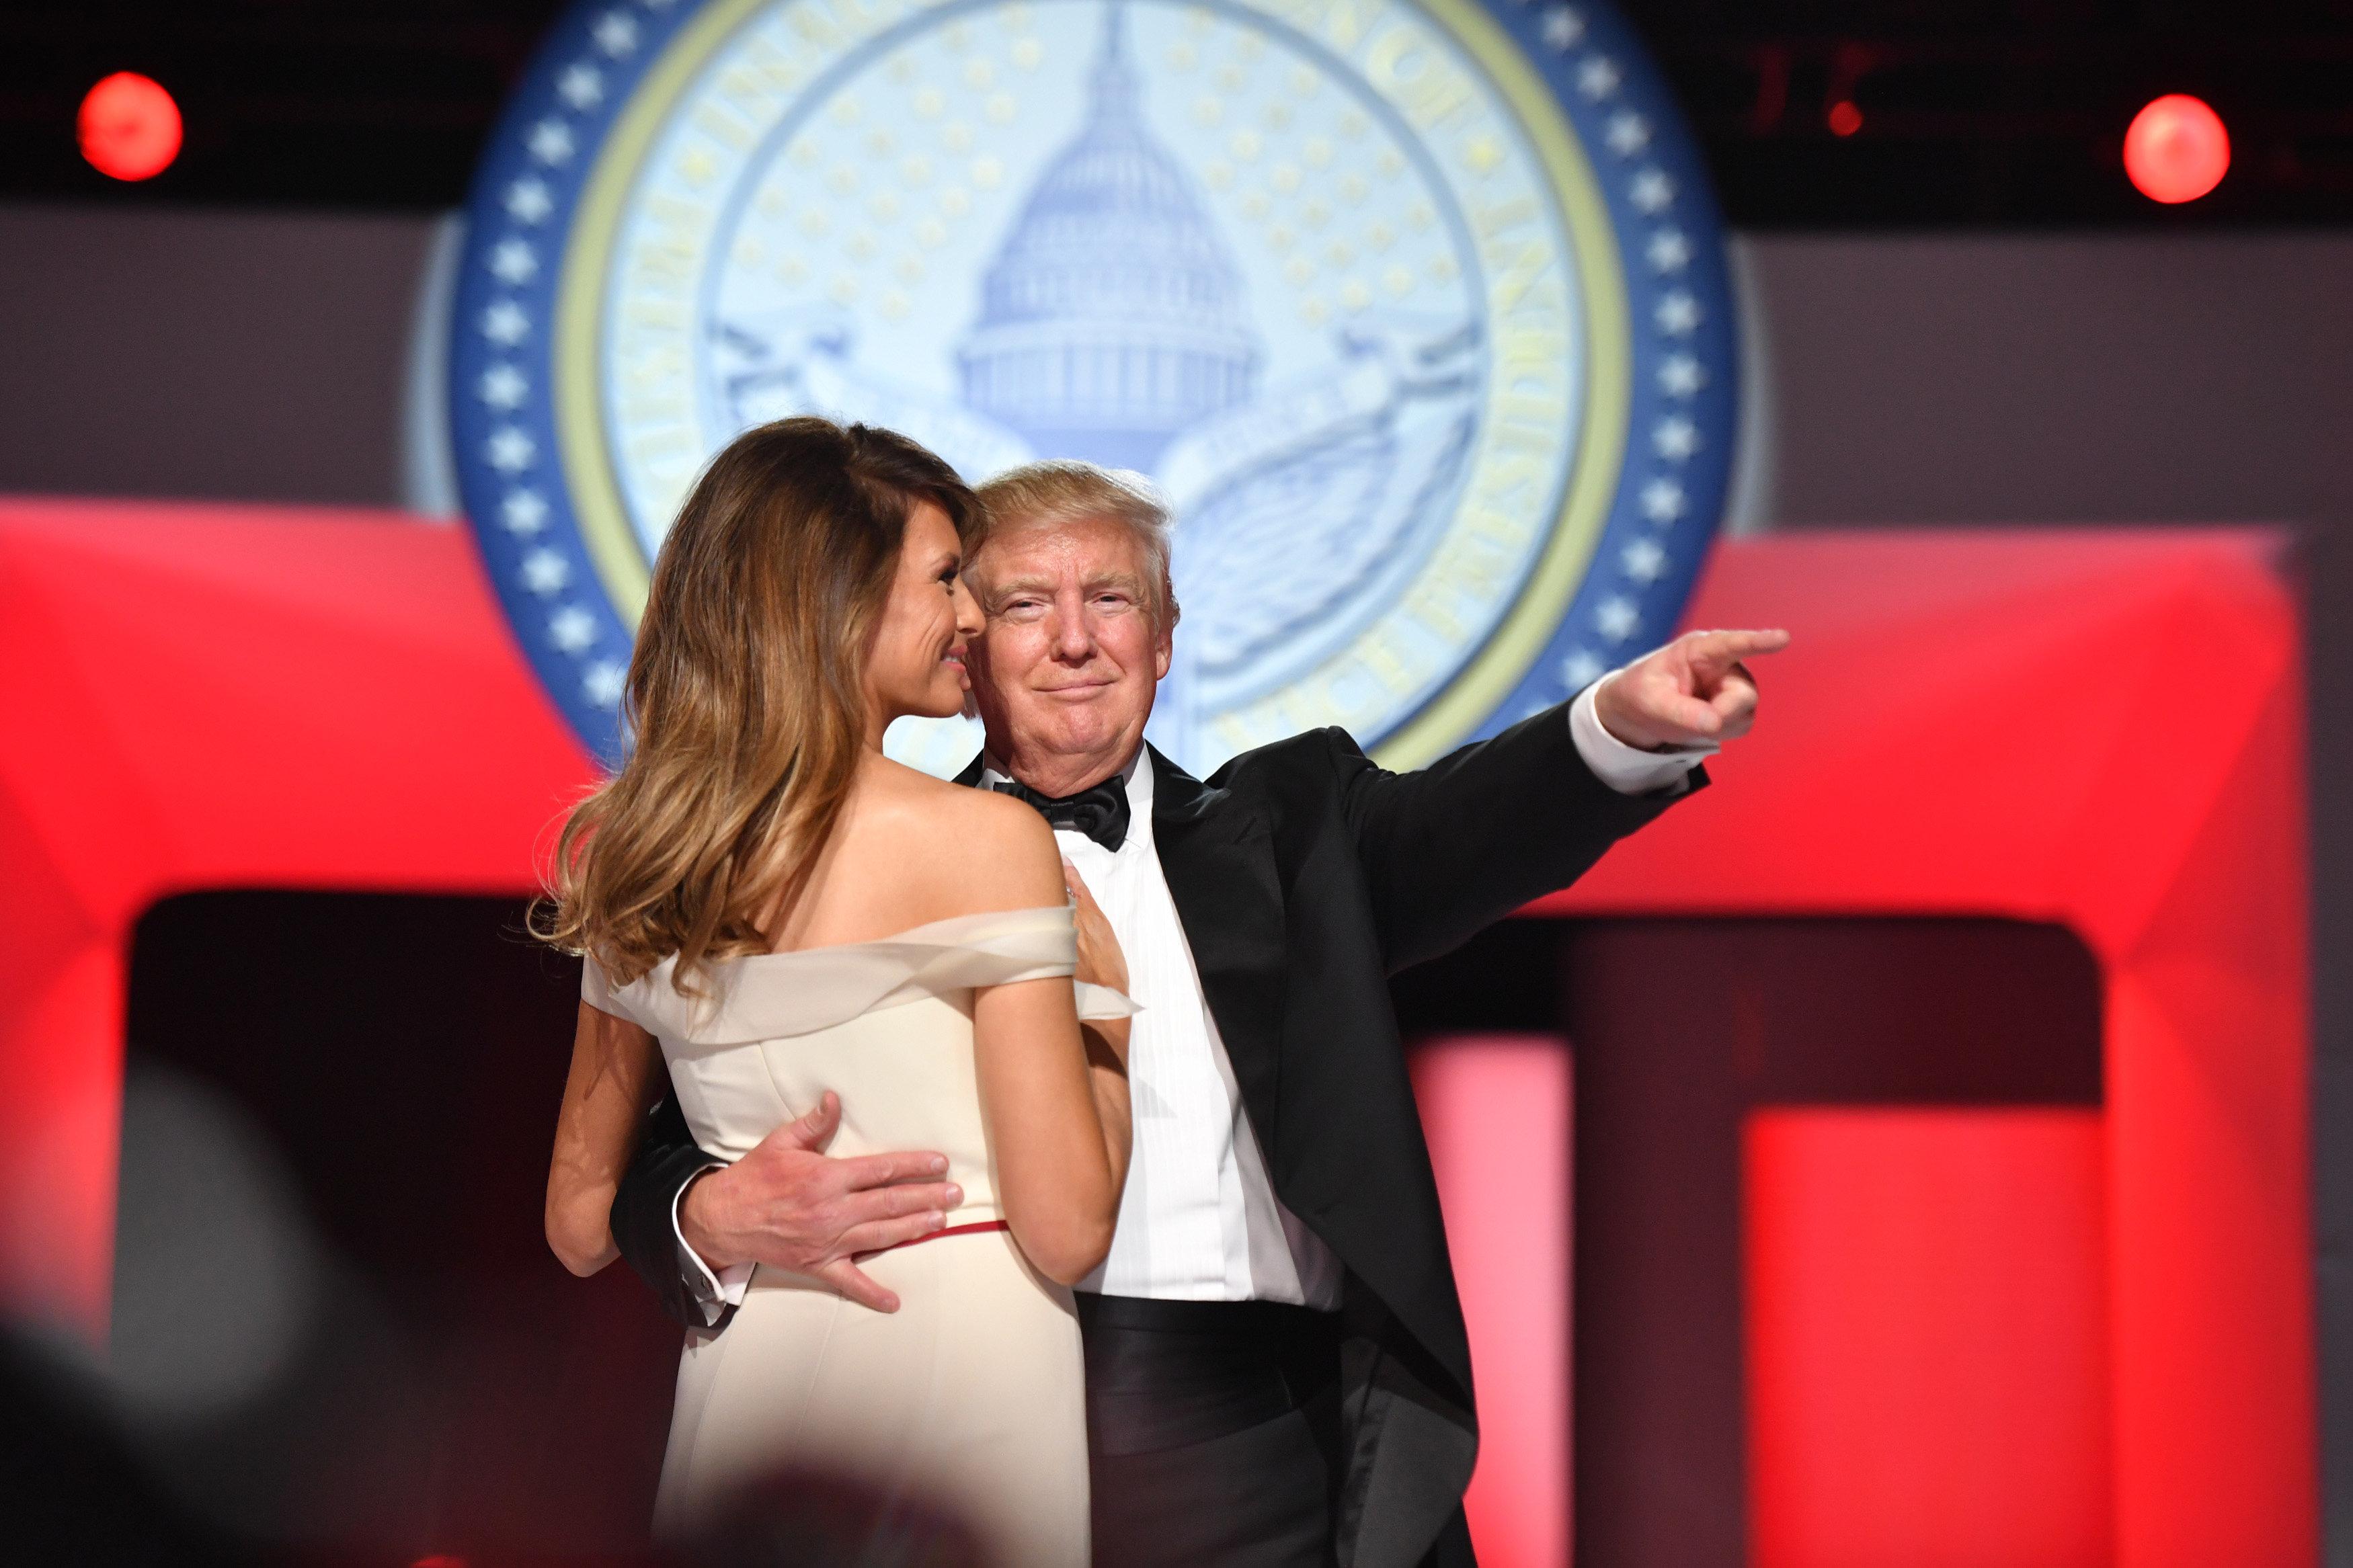 Breakdown Of Trump's $107 Million Inauguration Spending Revealed